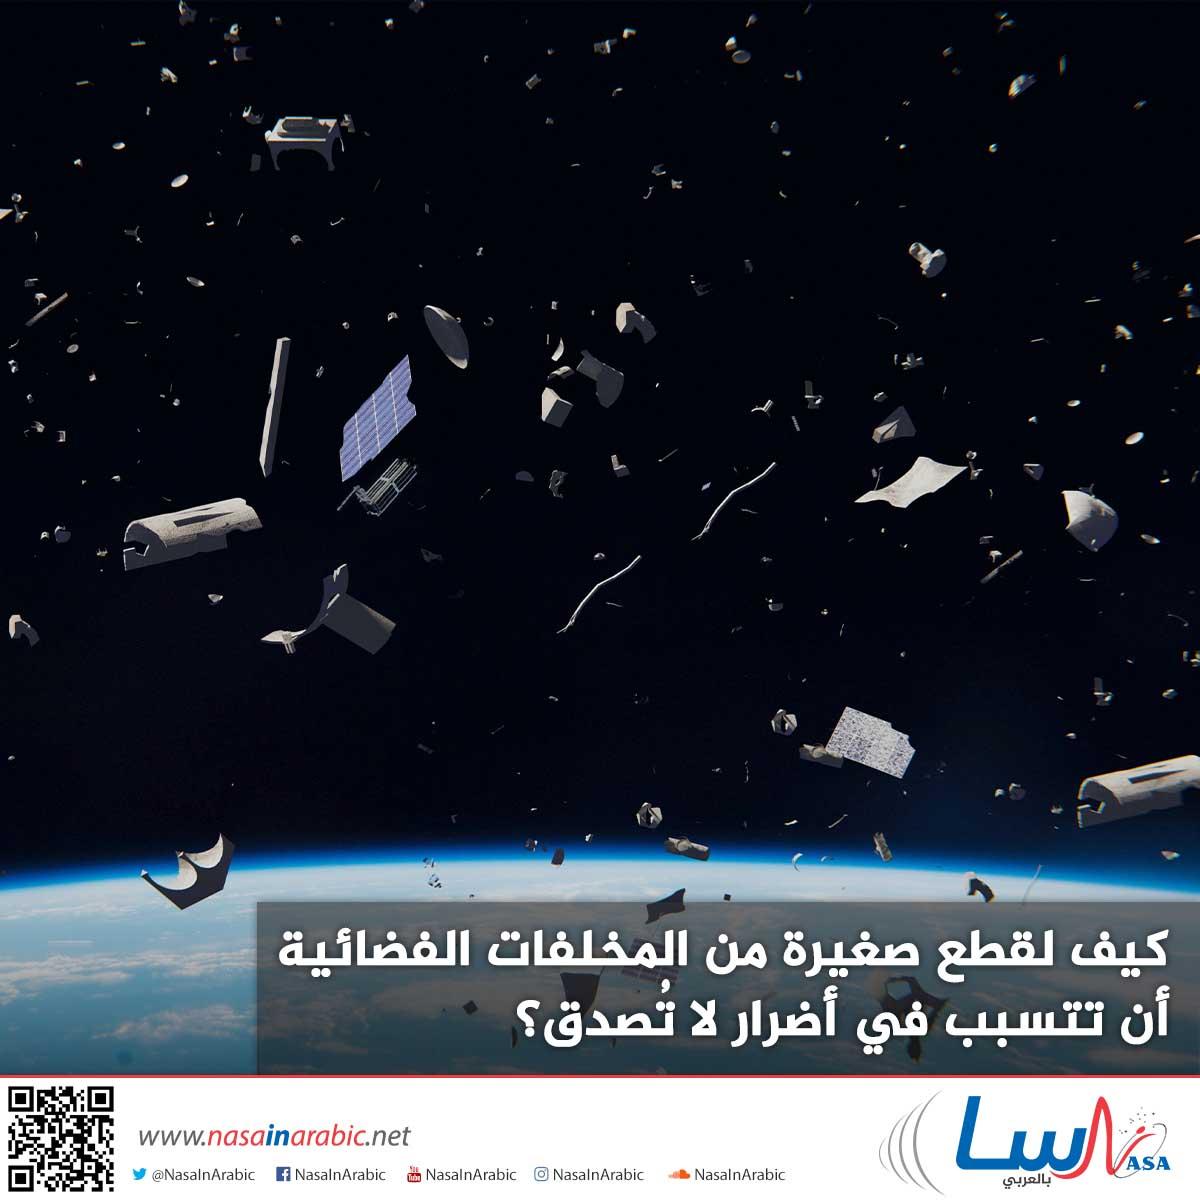 كيف لقطع صغيرة من المخلفات الفضائية أن تتسبب في أضرار لا تُصدق؟